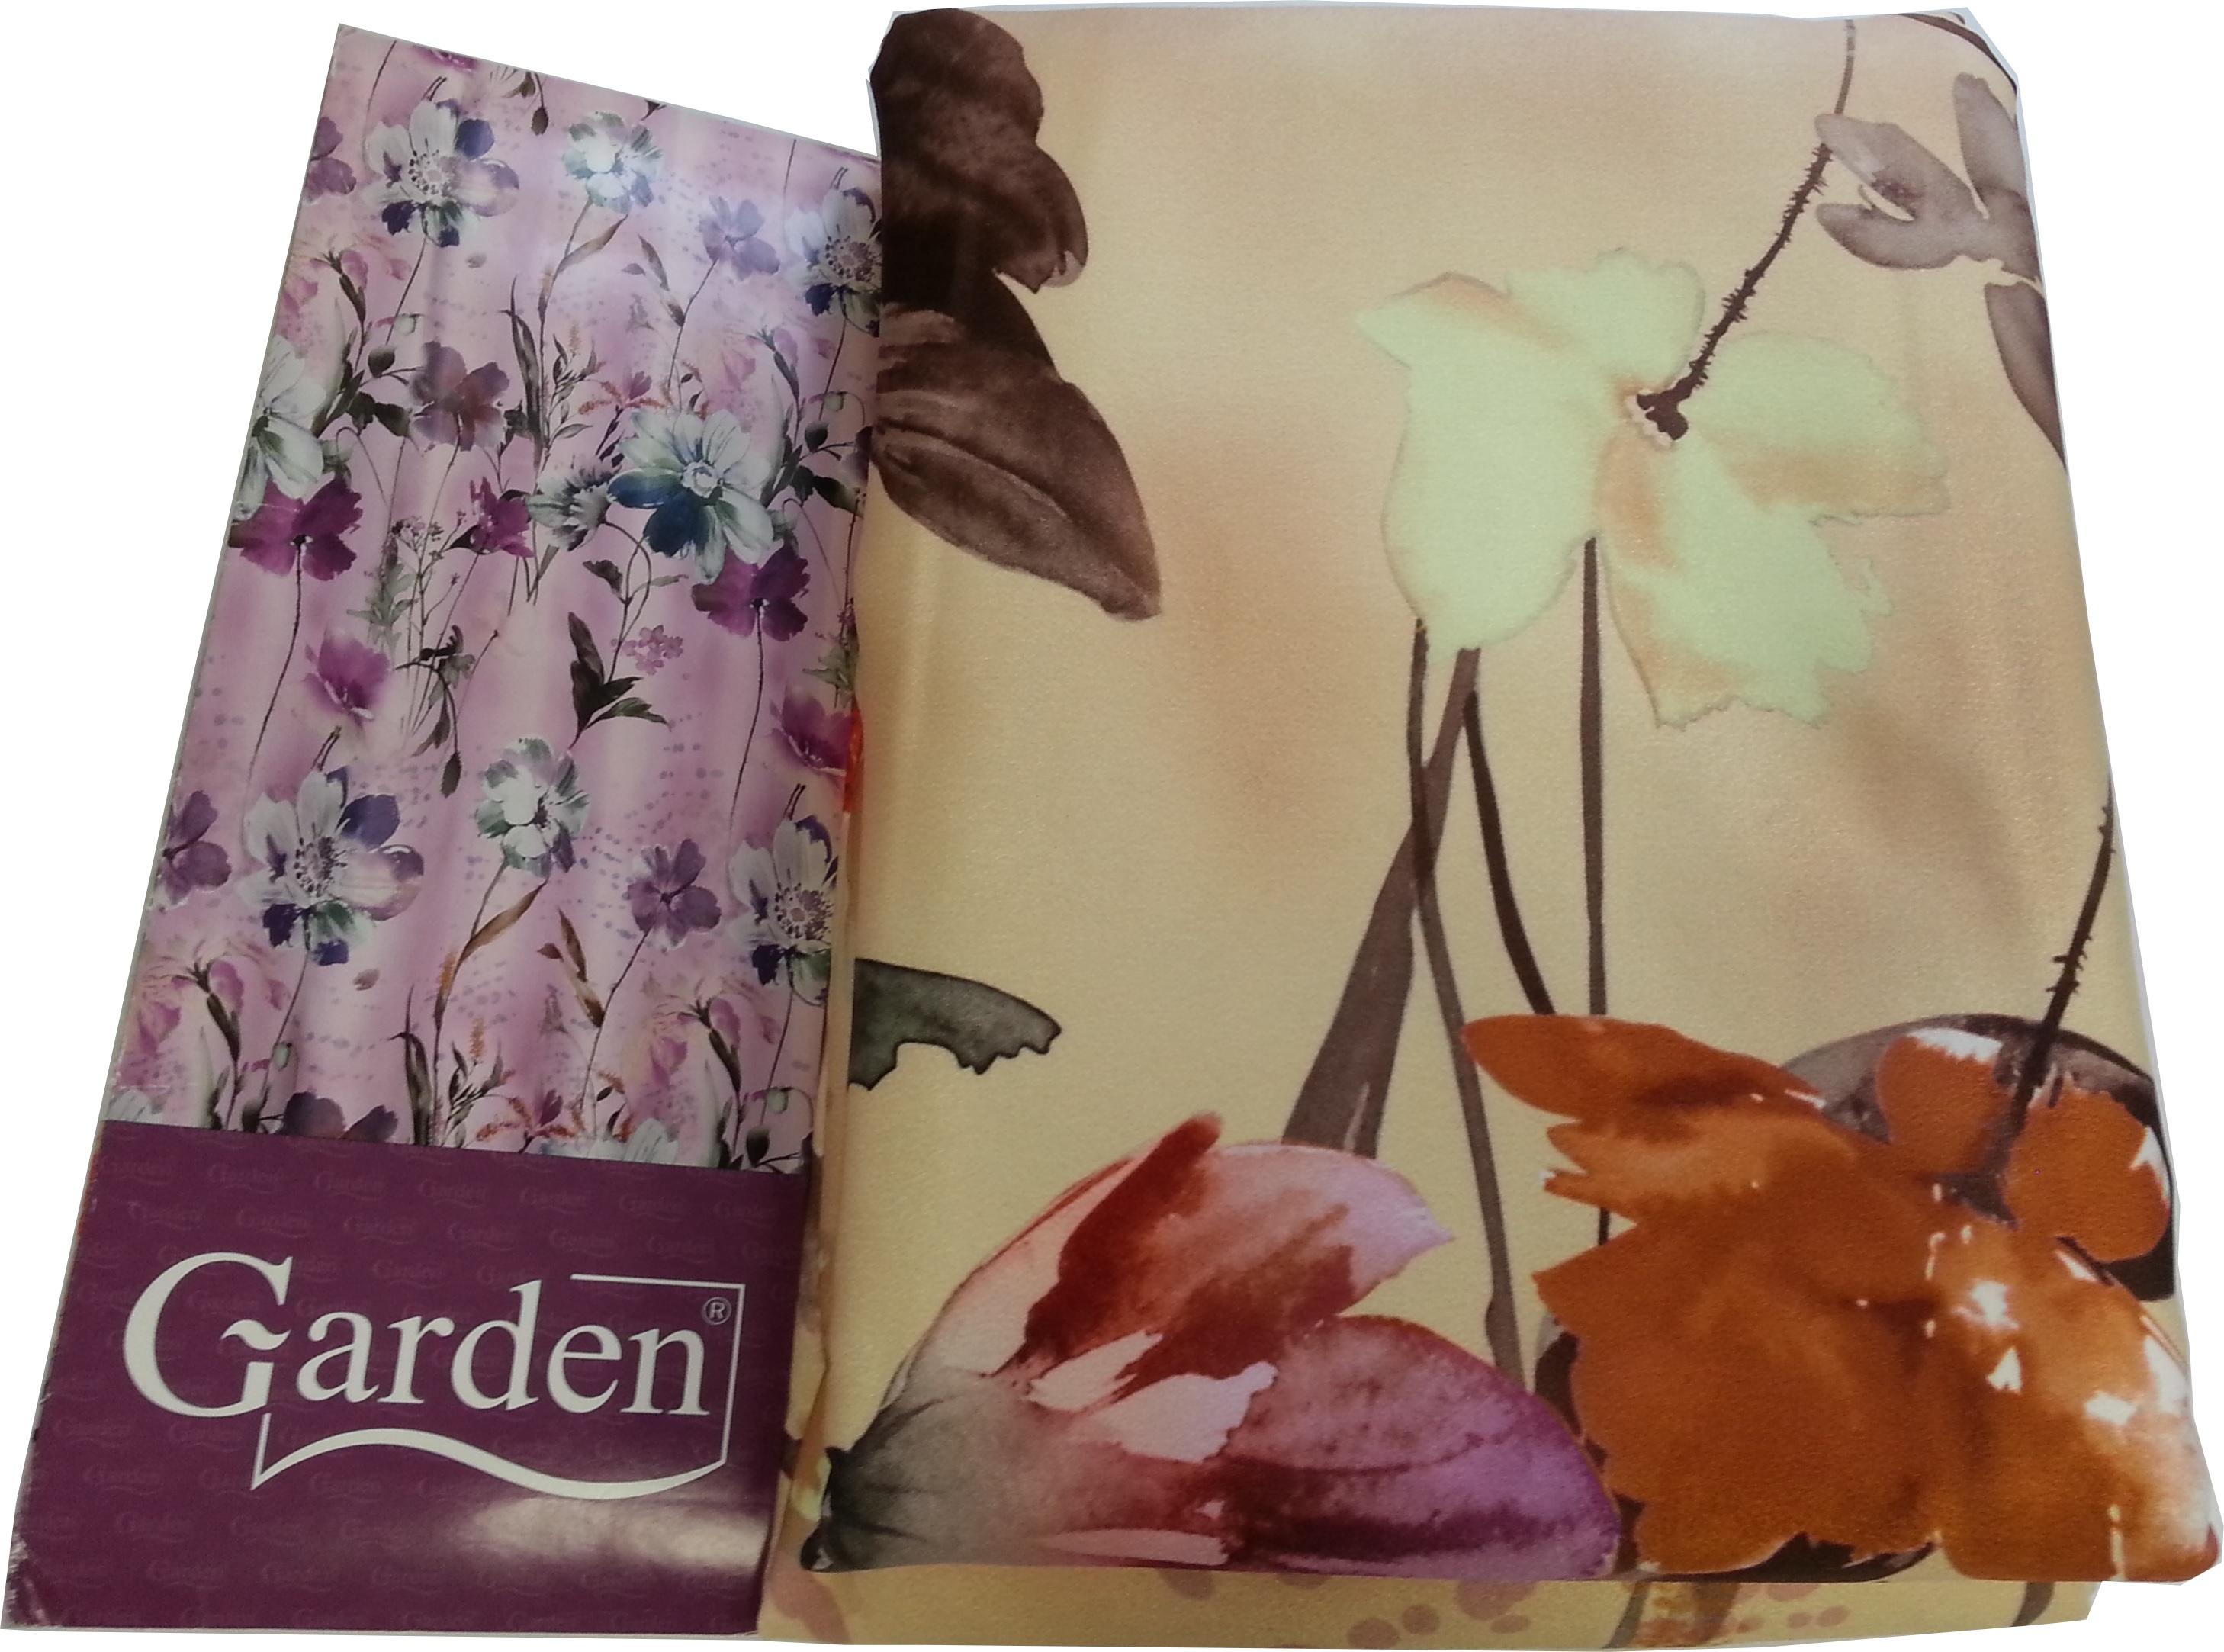 Шторы Garden Классические шторы Полевые Цветы Цвет: Терракотовый-Коричневый/Светло-Желтый шторы tac классические шторы winx цвет персиковый 200x265 см